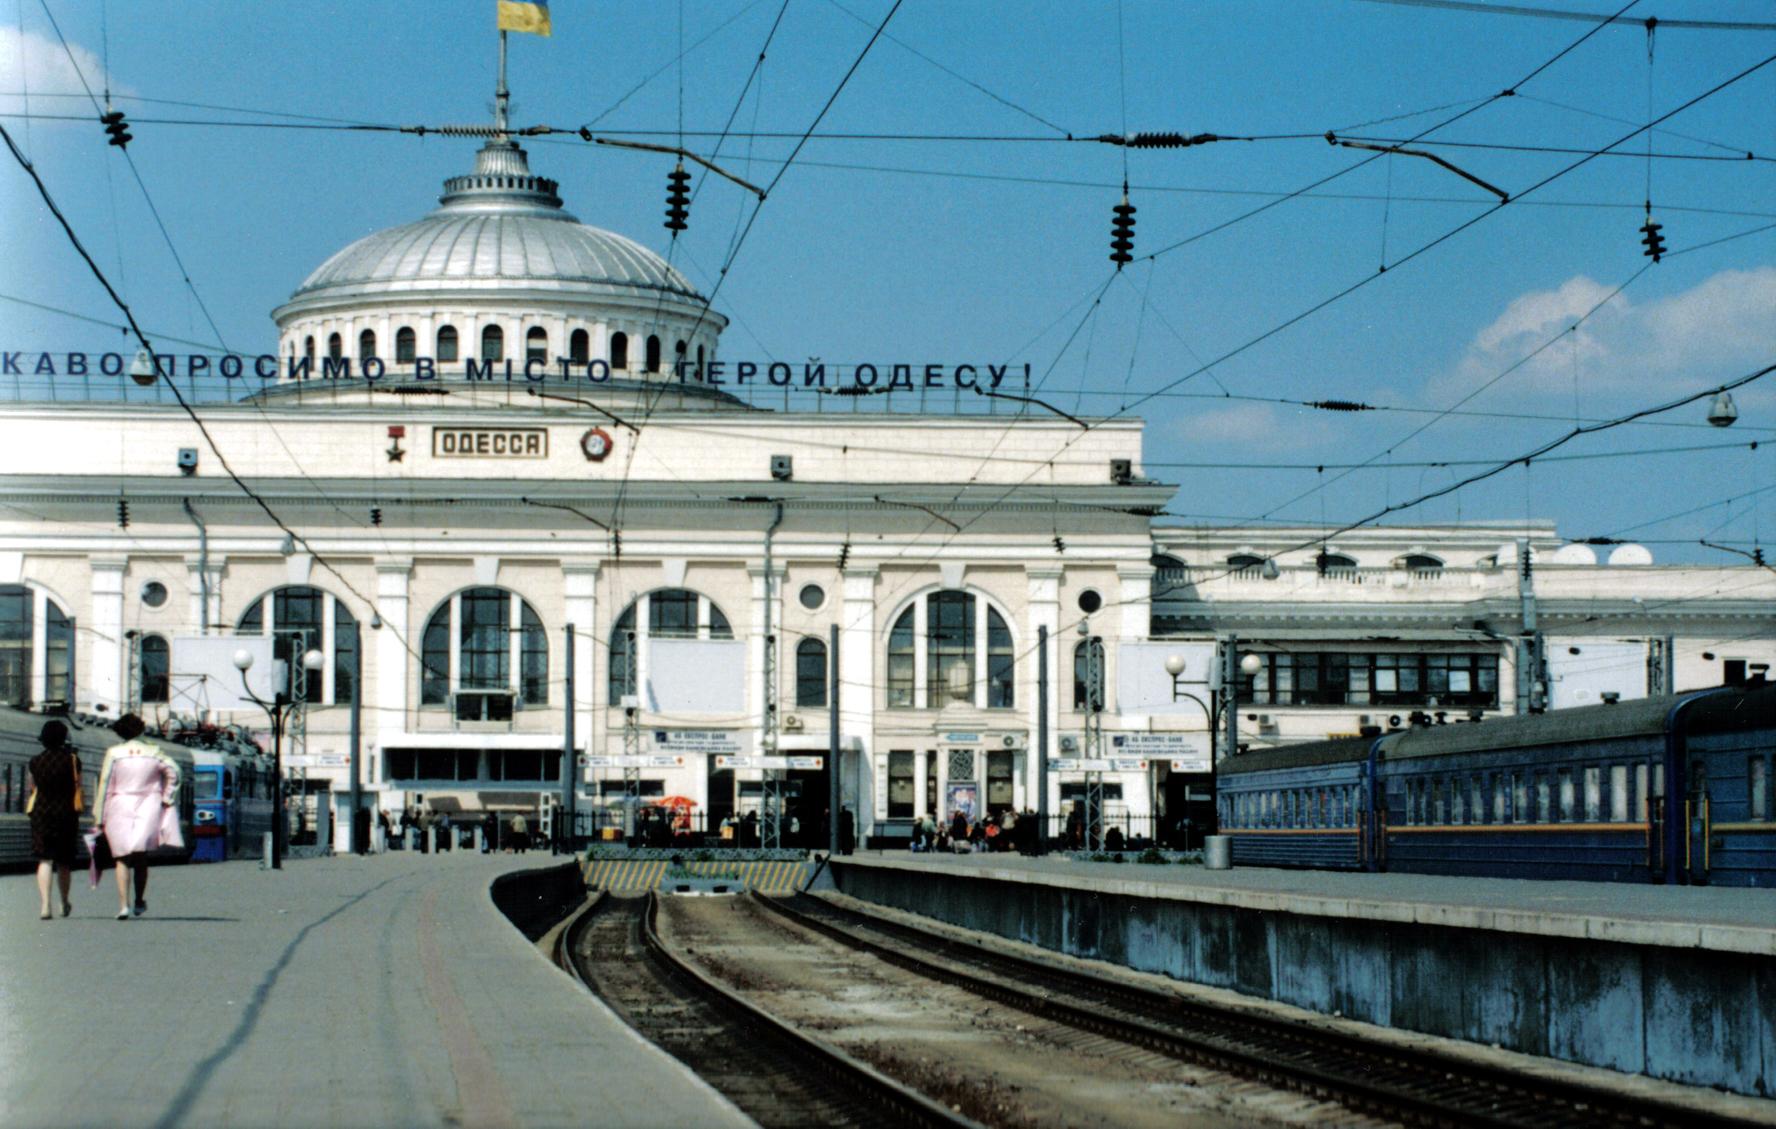 Одеський залізничний вокзал фото - nata naval